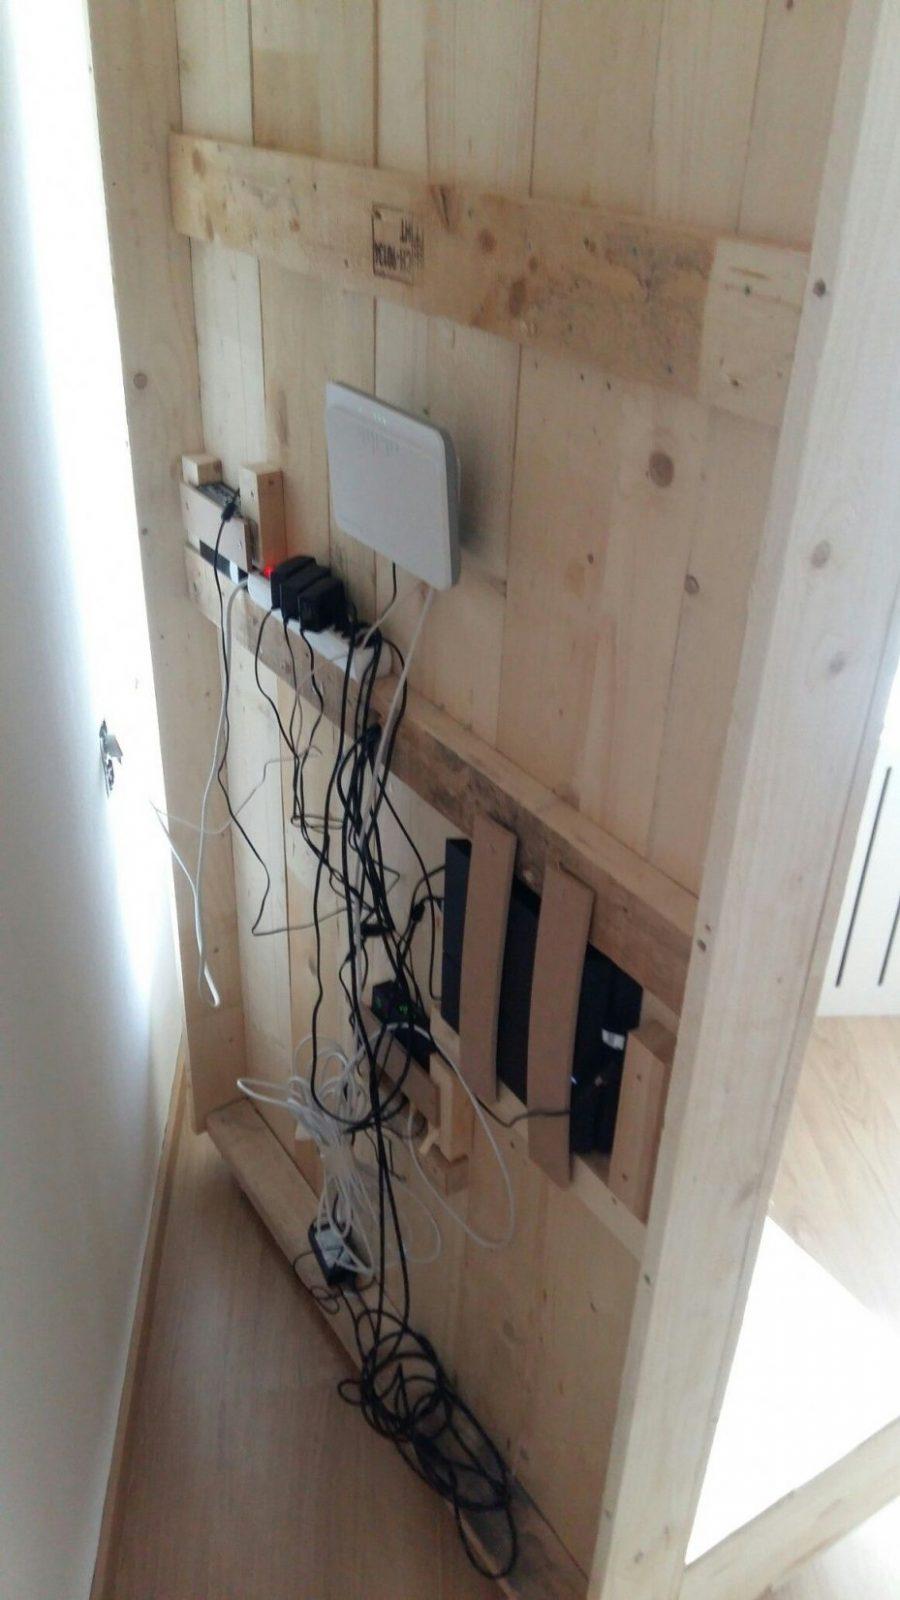 Tvrückwand Selbst Bauen Alle Kabel Verschwinden Hinter Der von Tv Board Selber Bauen Bild